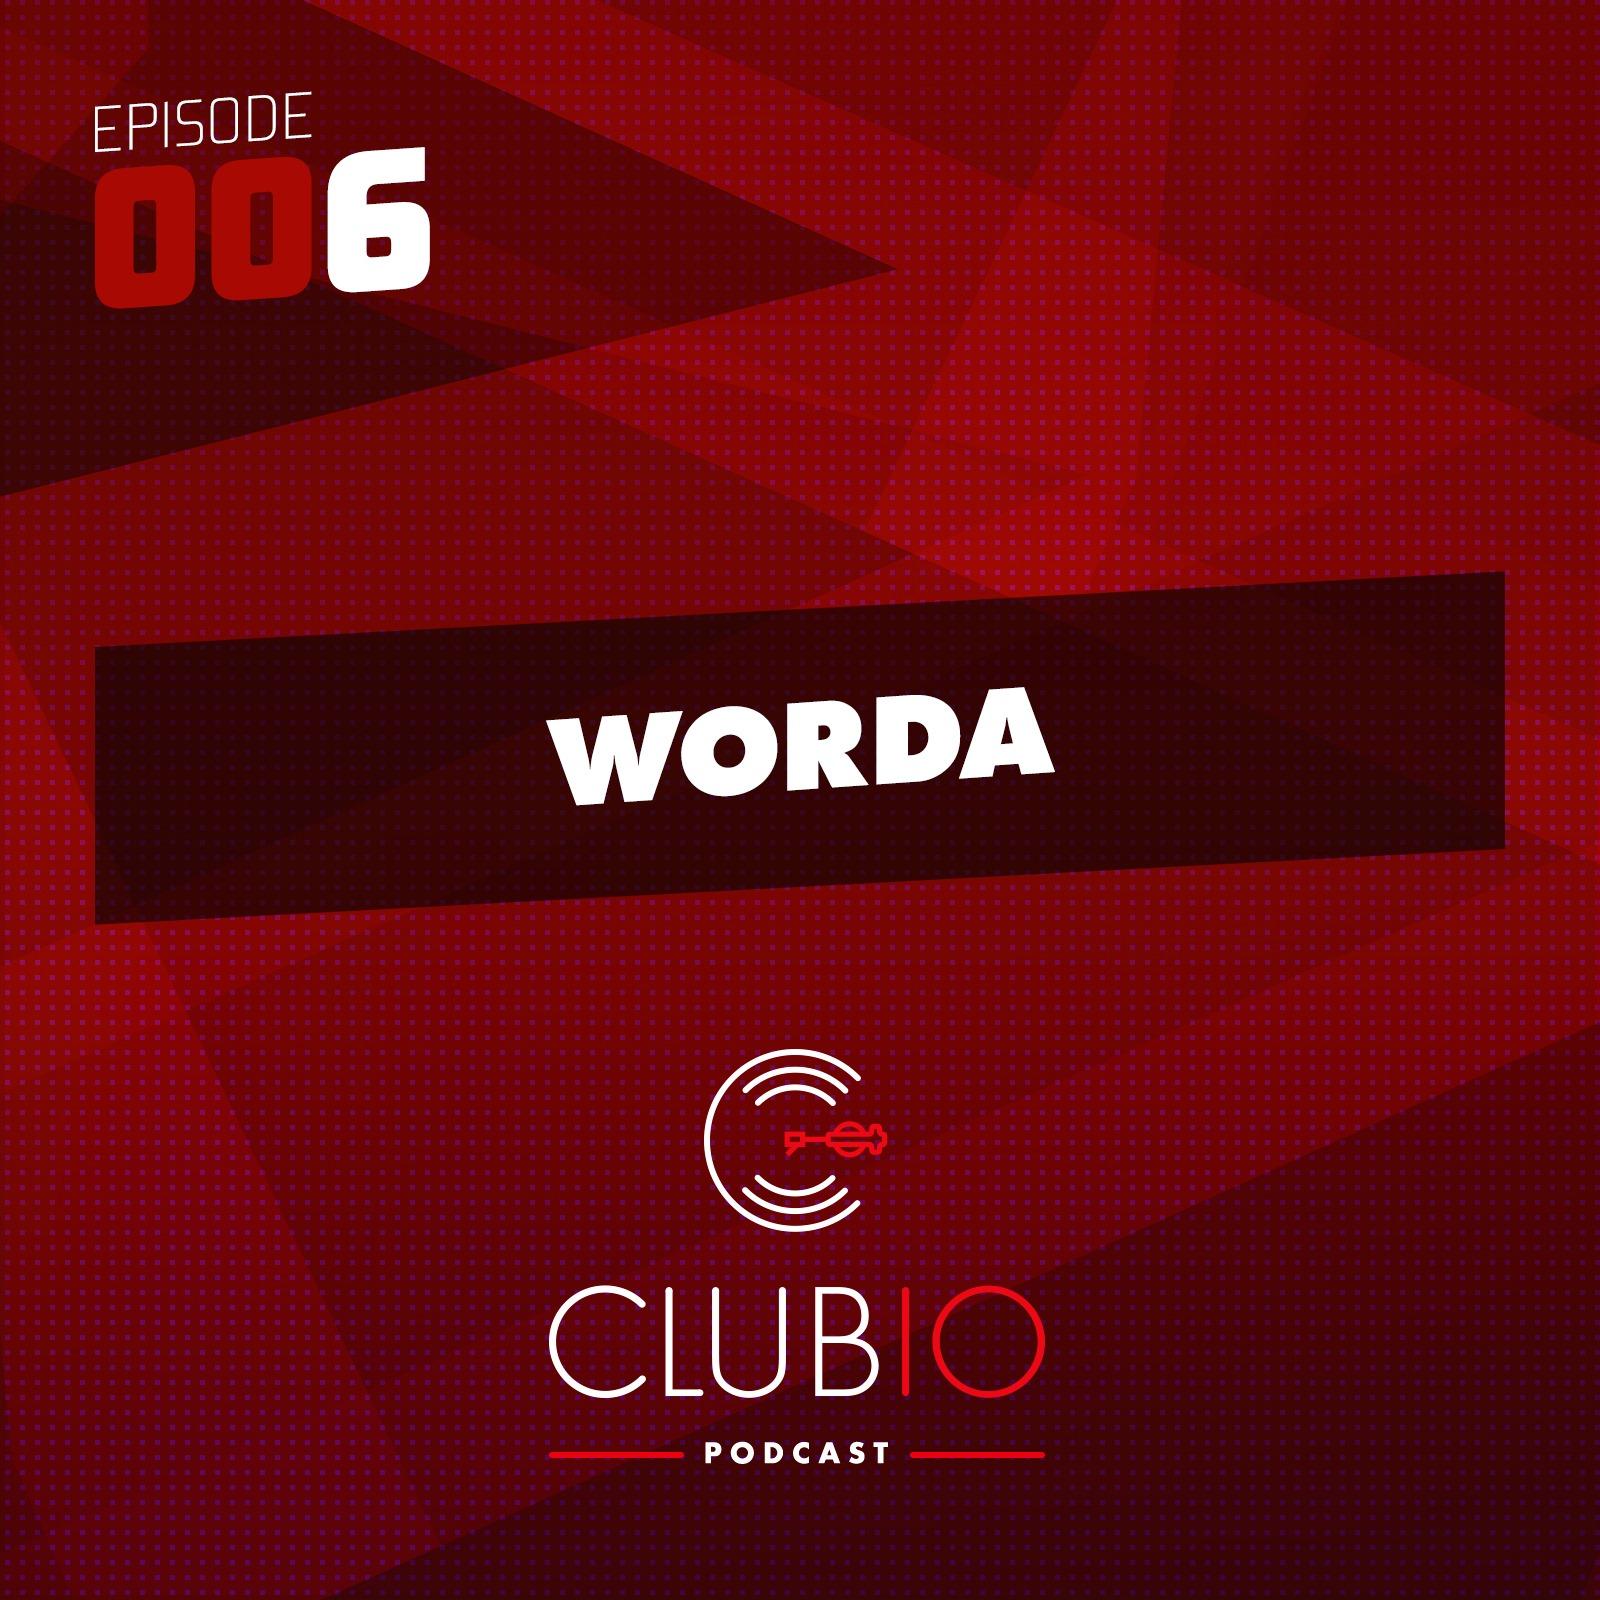 Clubio Podcast 006 - Worda